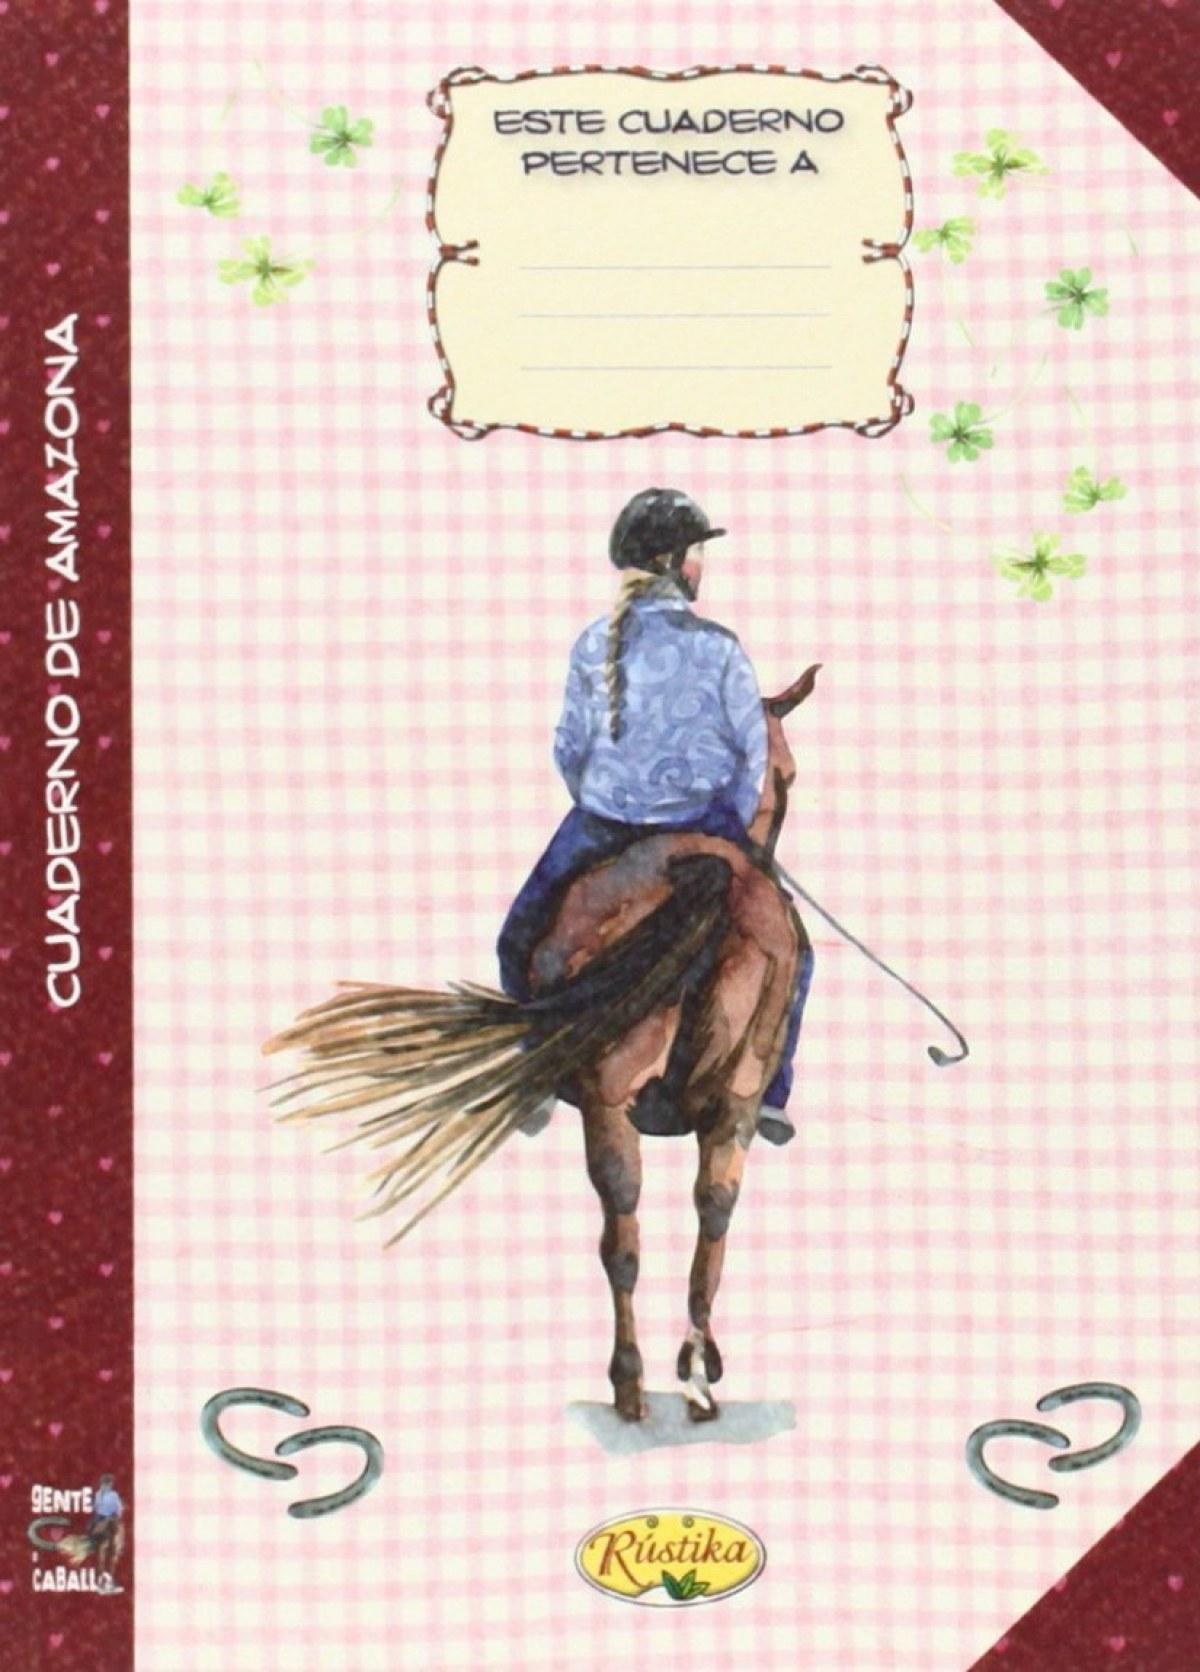 Cuaderno de amazona 9788490870136